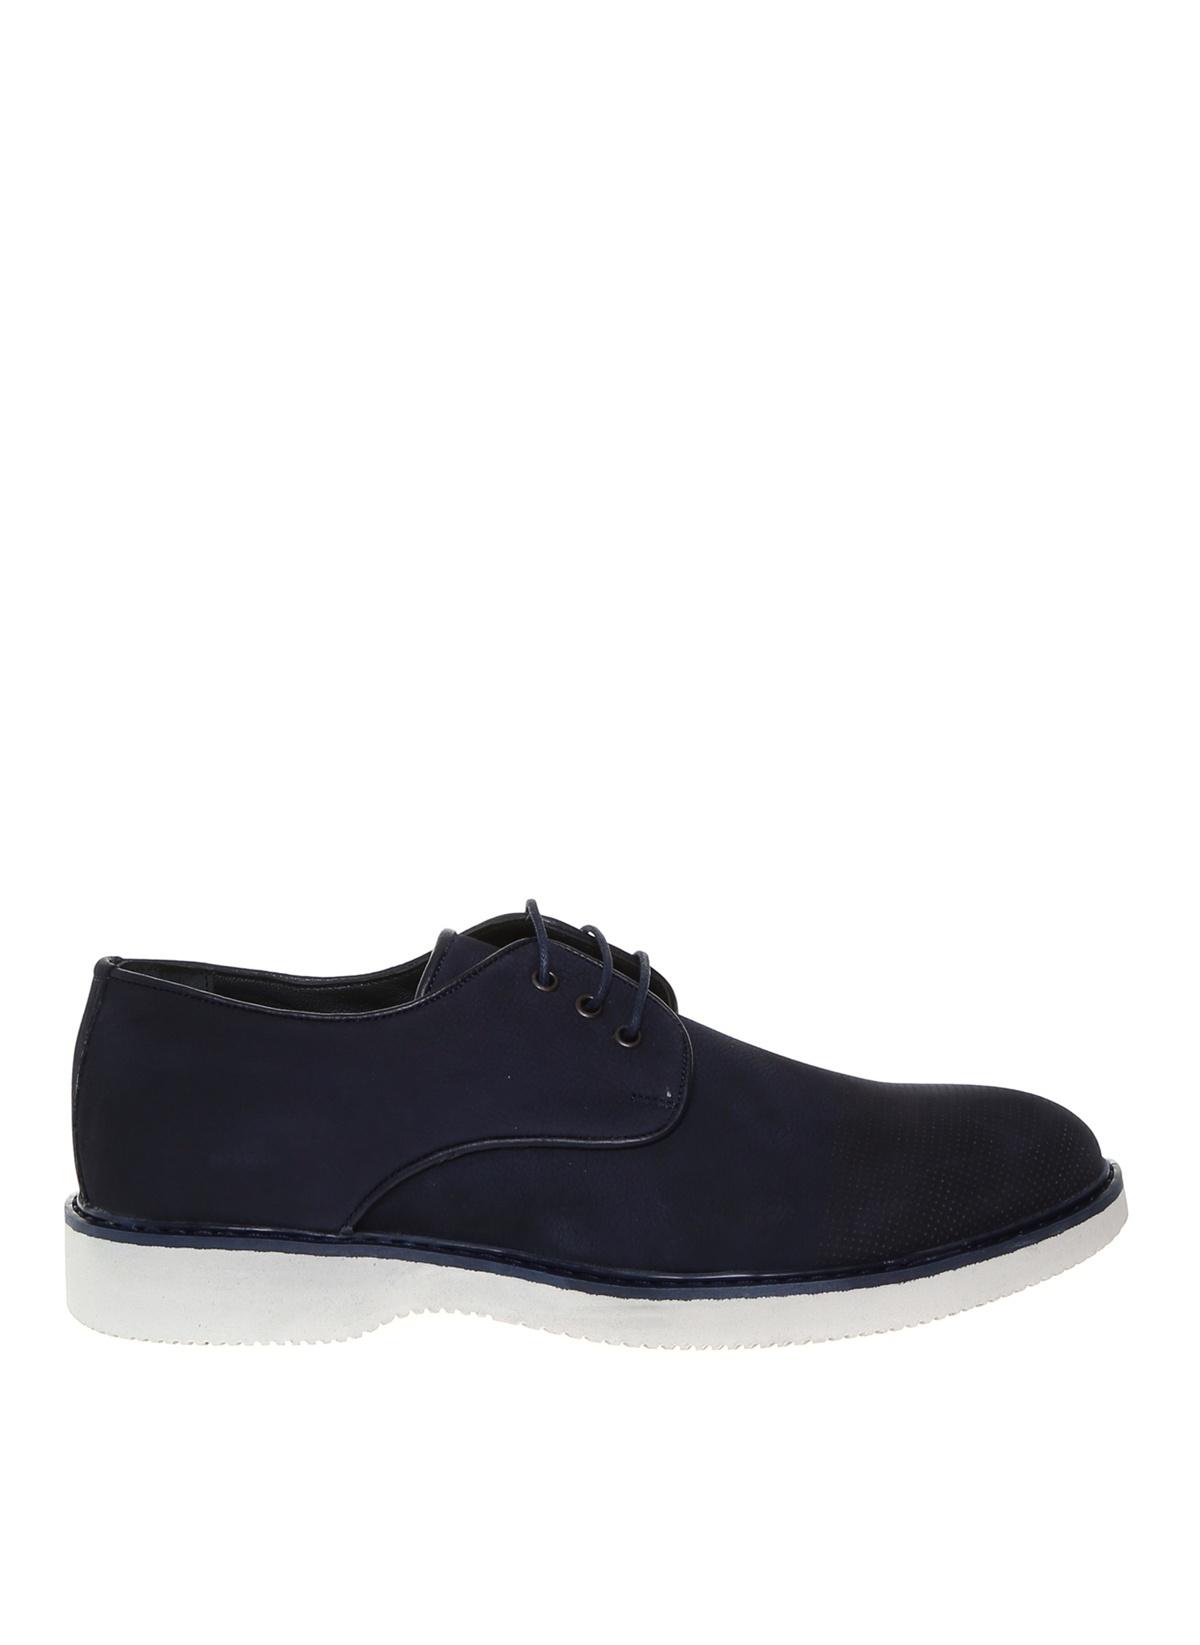 Fabrika Ayakkabı 18-avon Ayakkabı – 399.99 TL